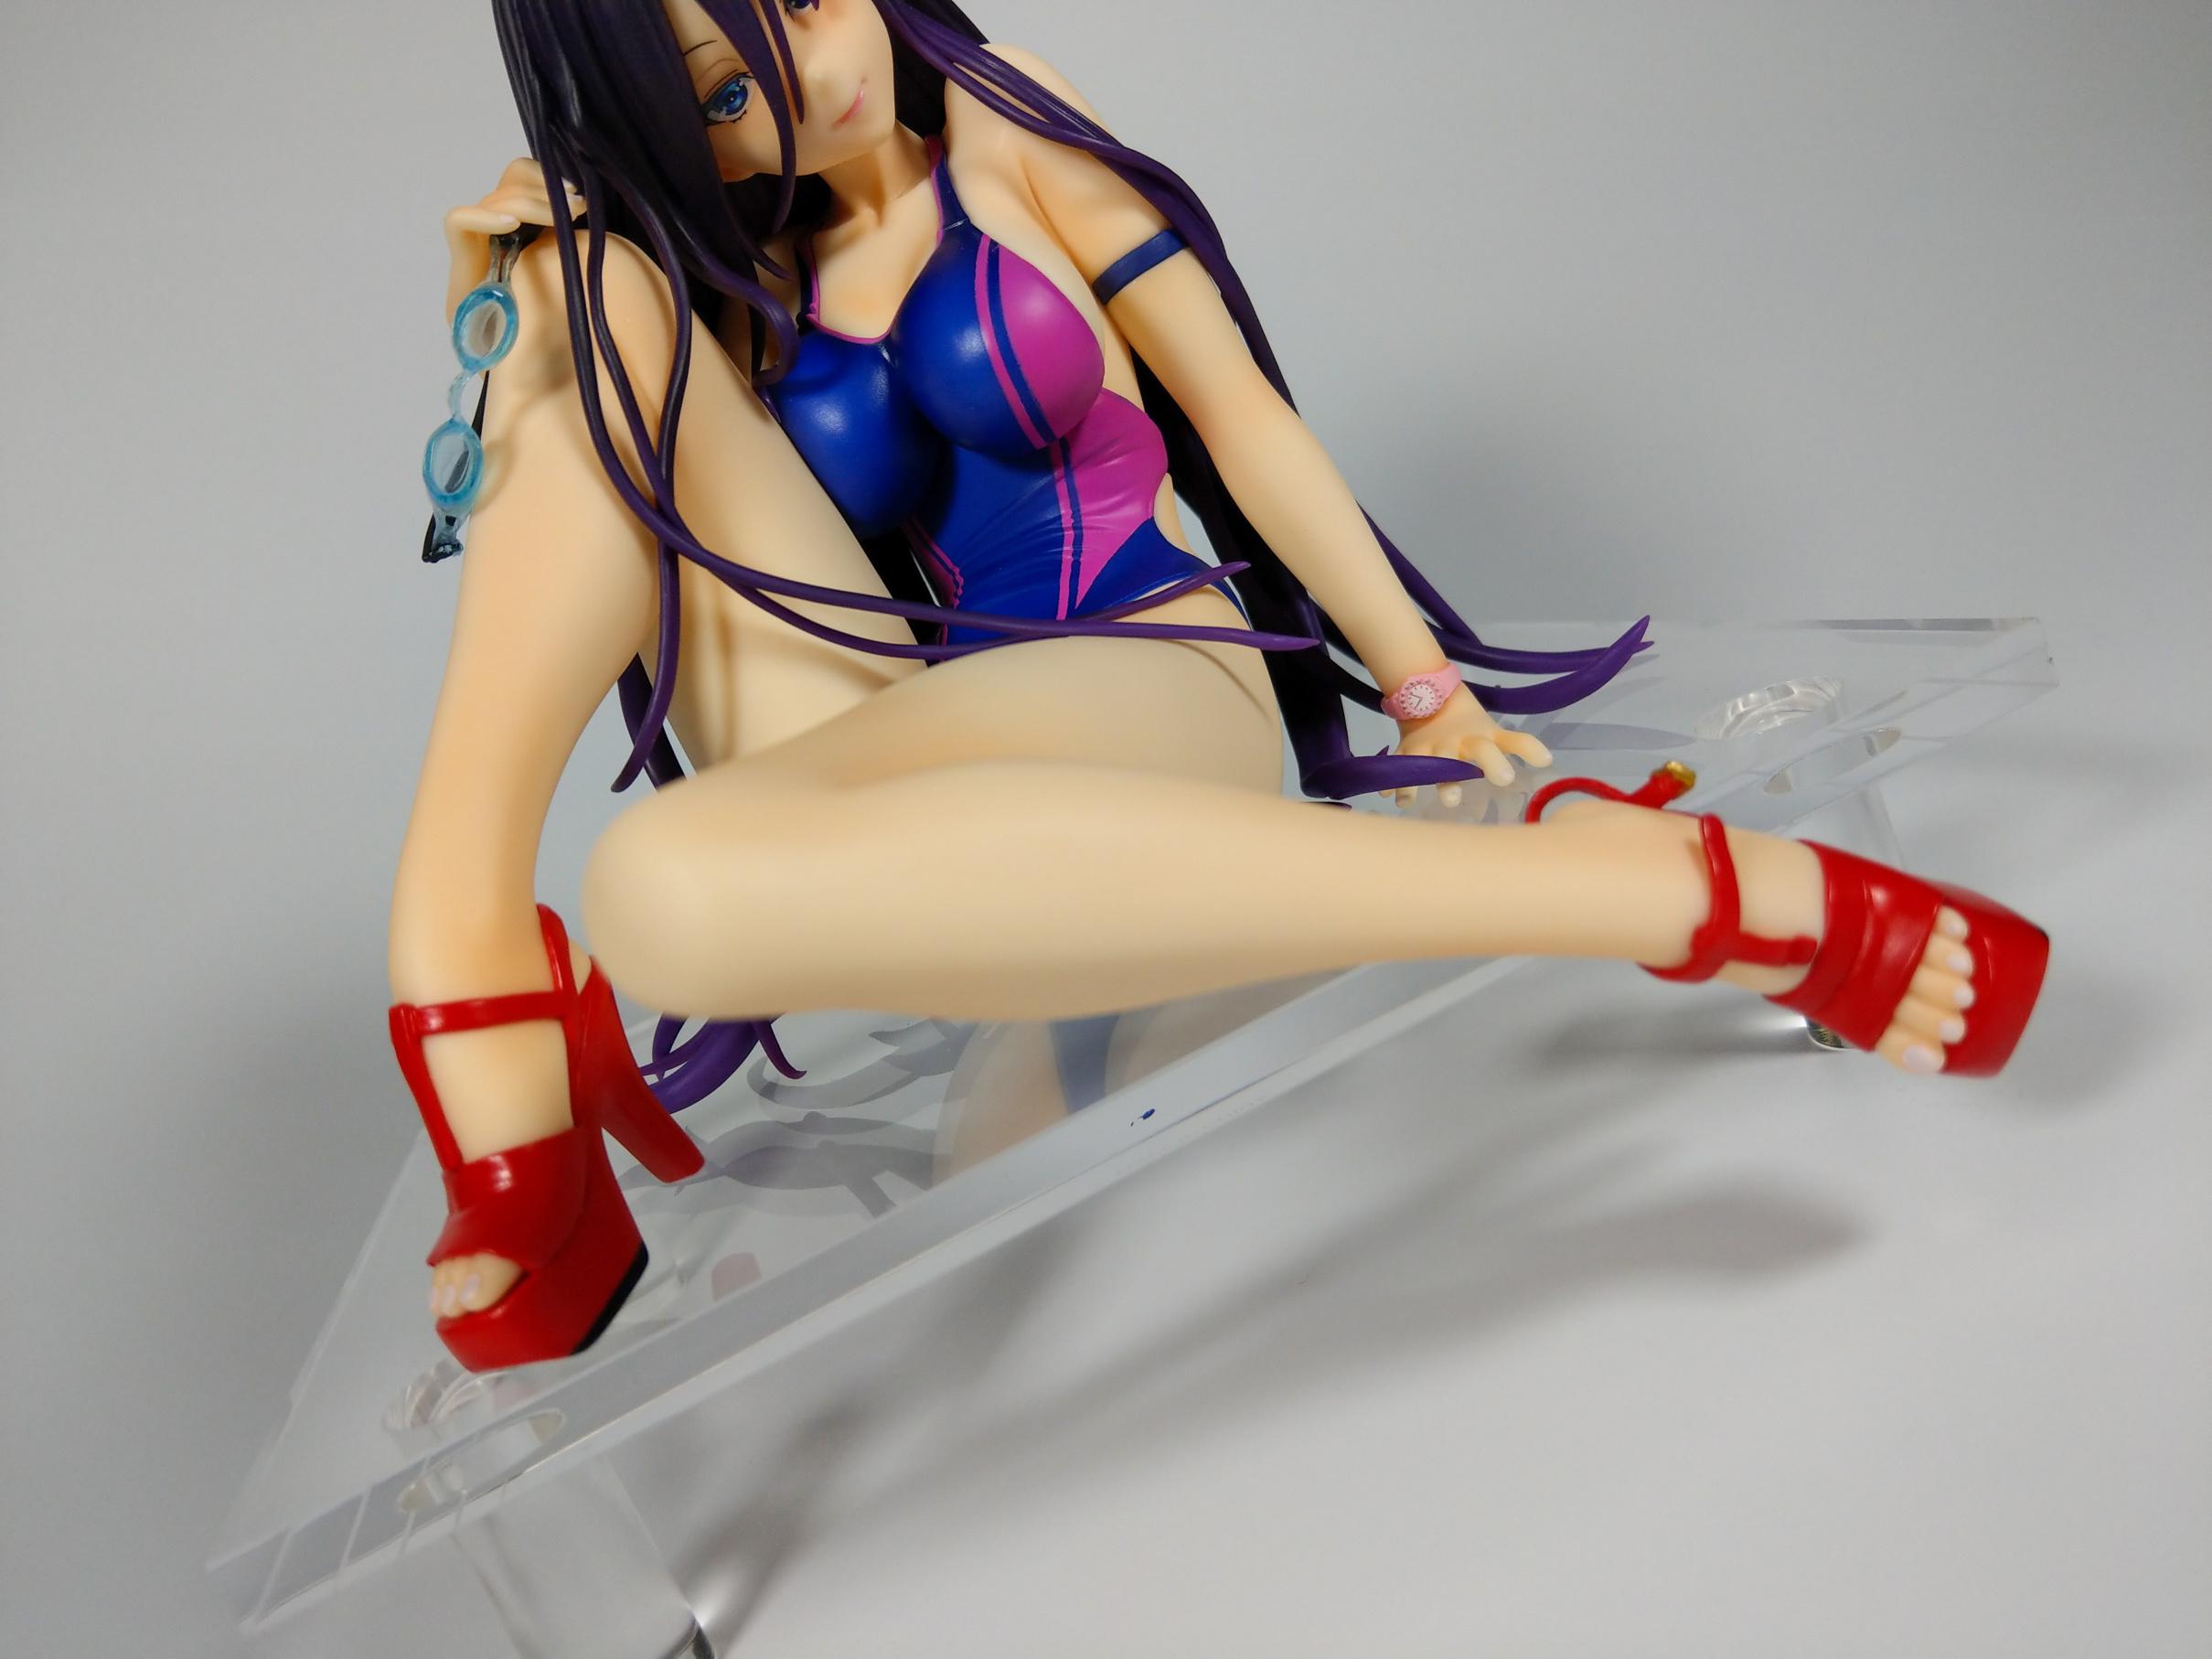 Девушка в купальнике (Kaitendo). - Изображение 20